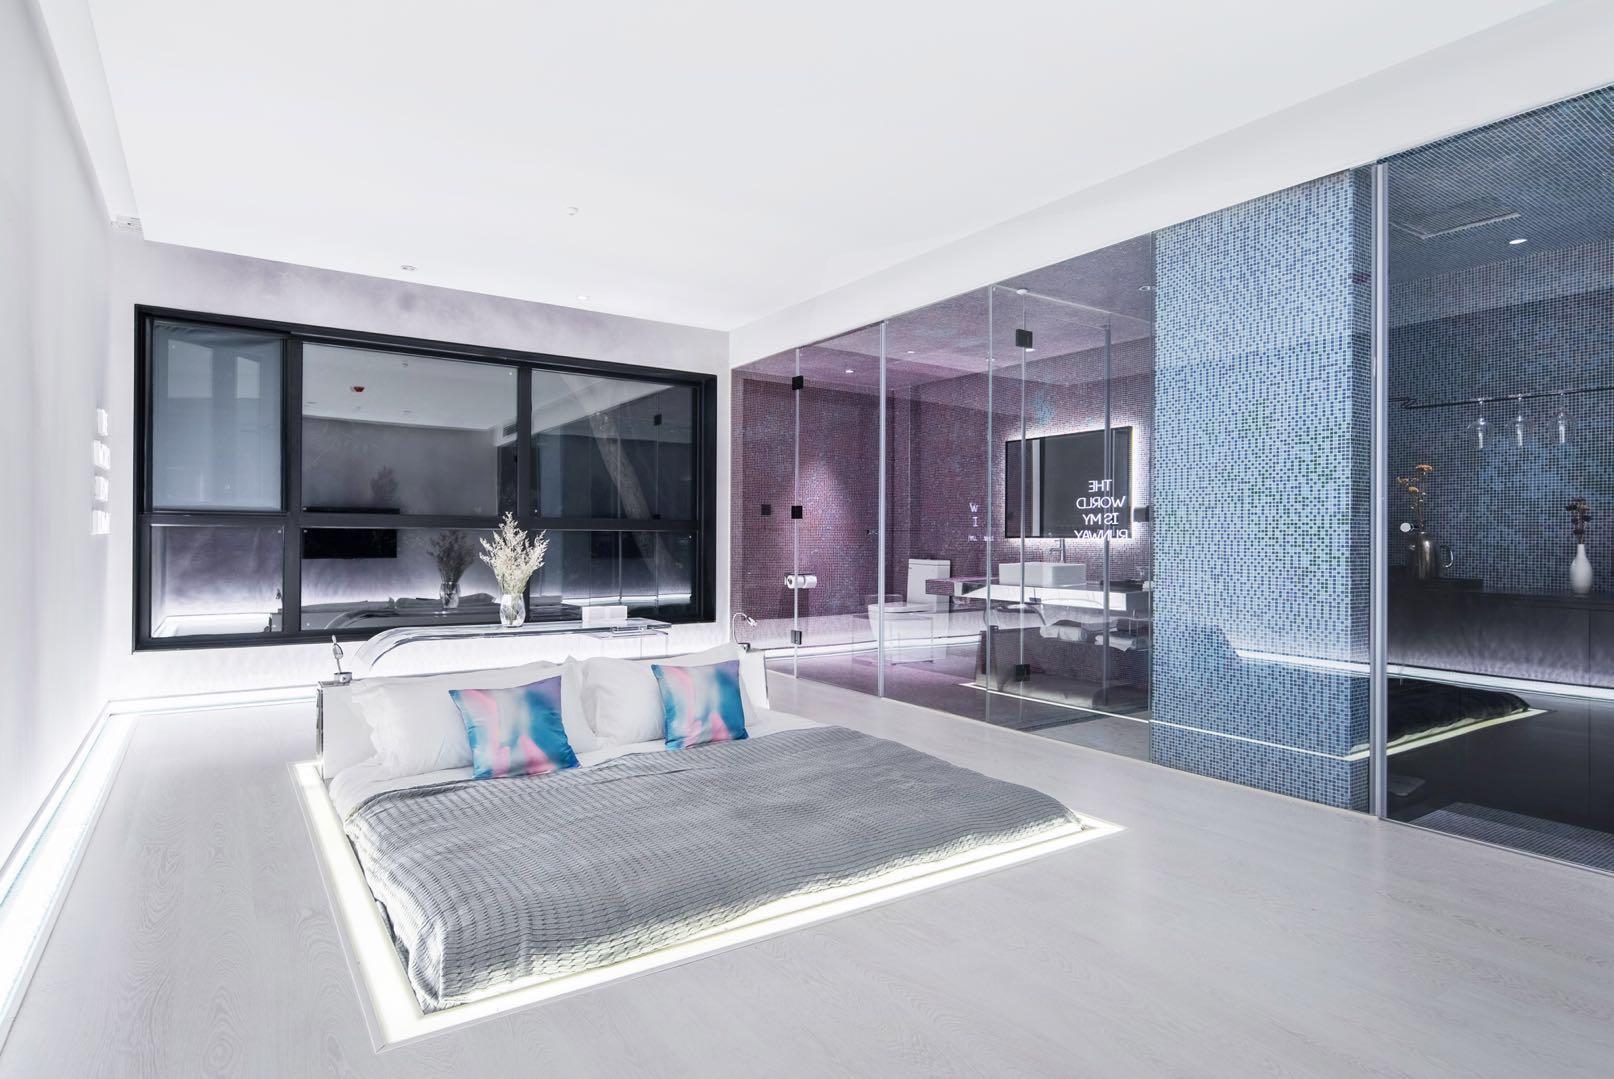 赵焕焱:提高酒店竞争力的三大源泉是什么